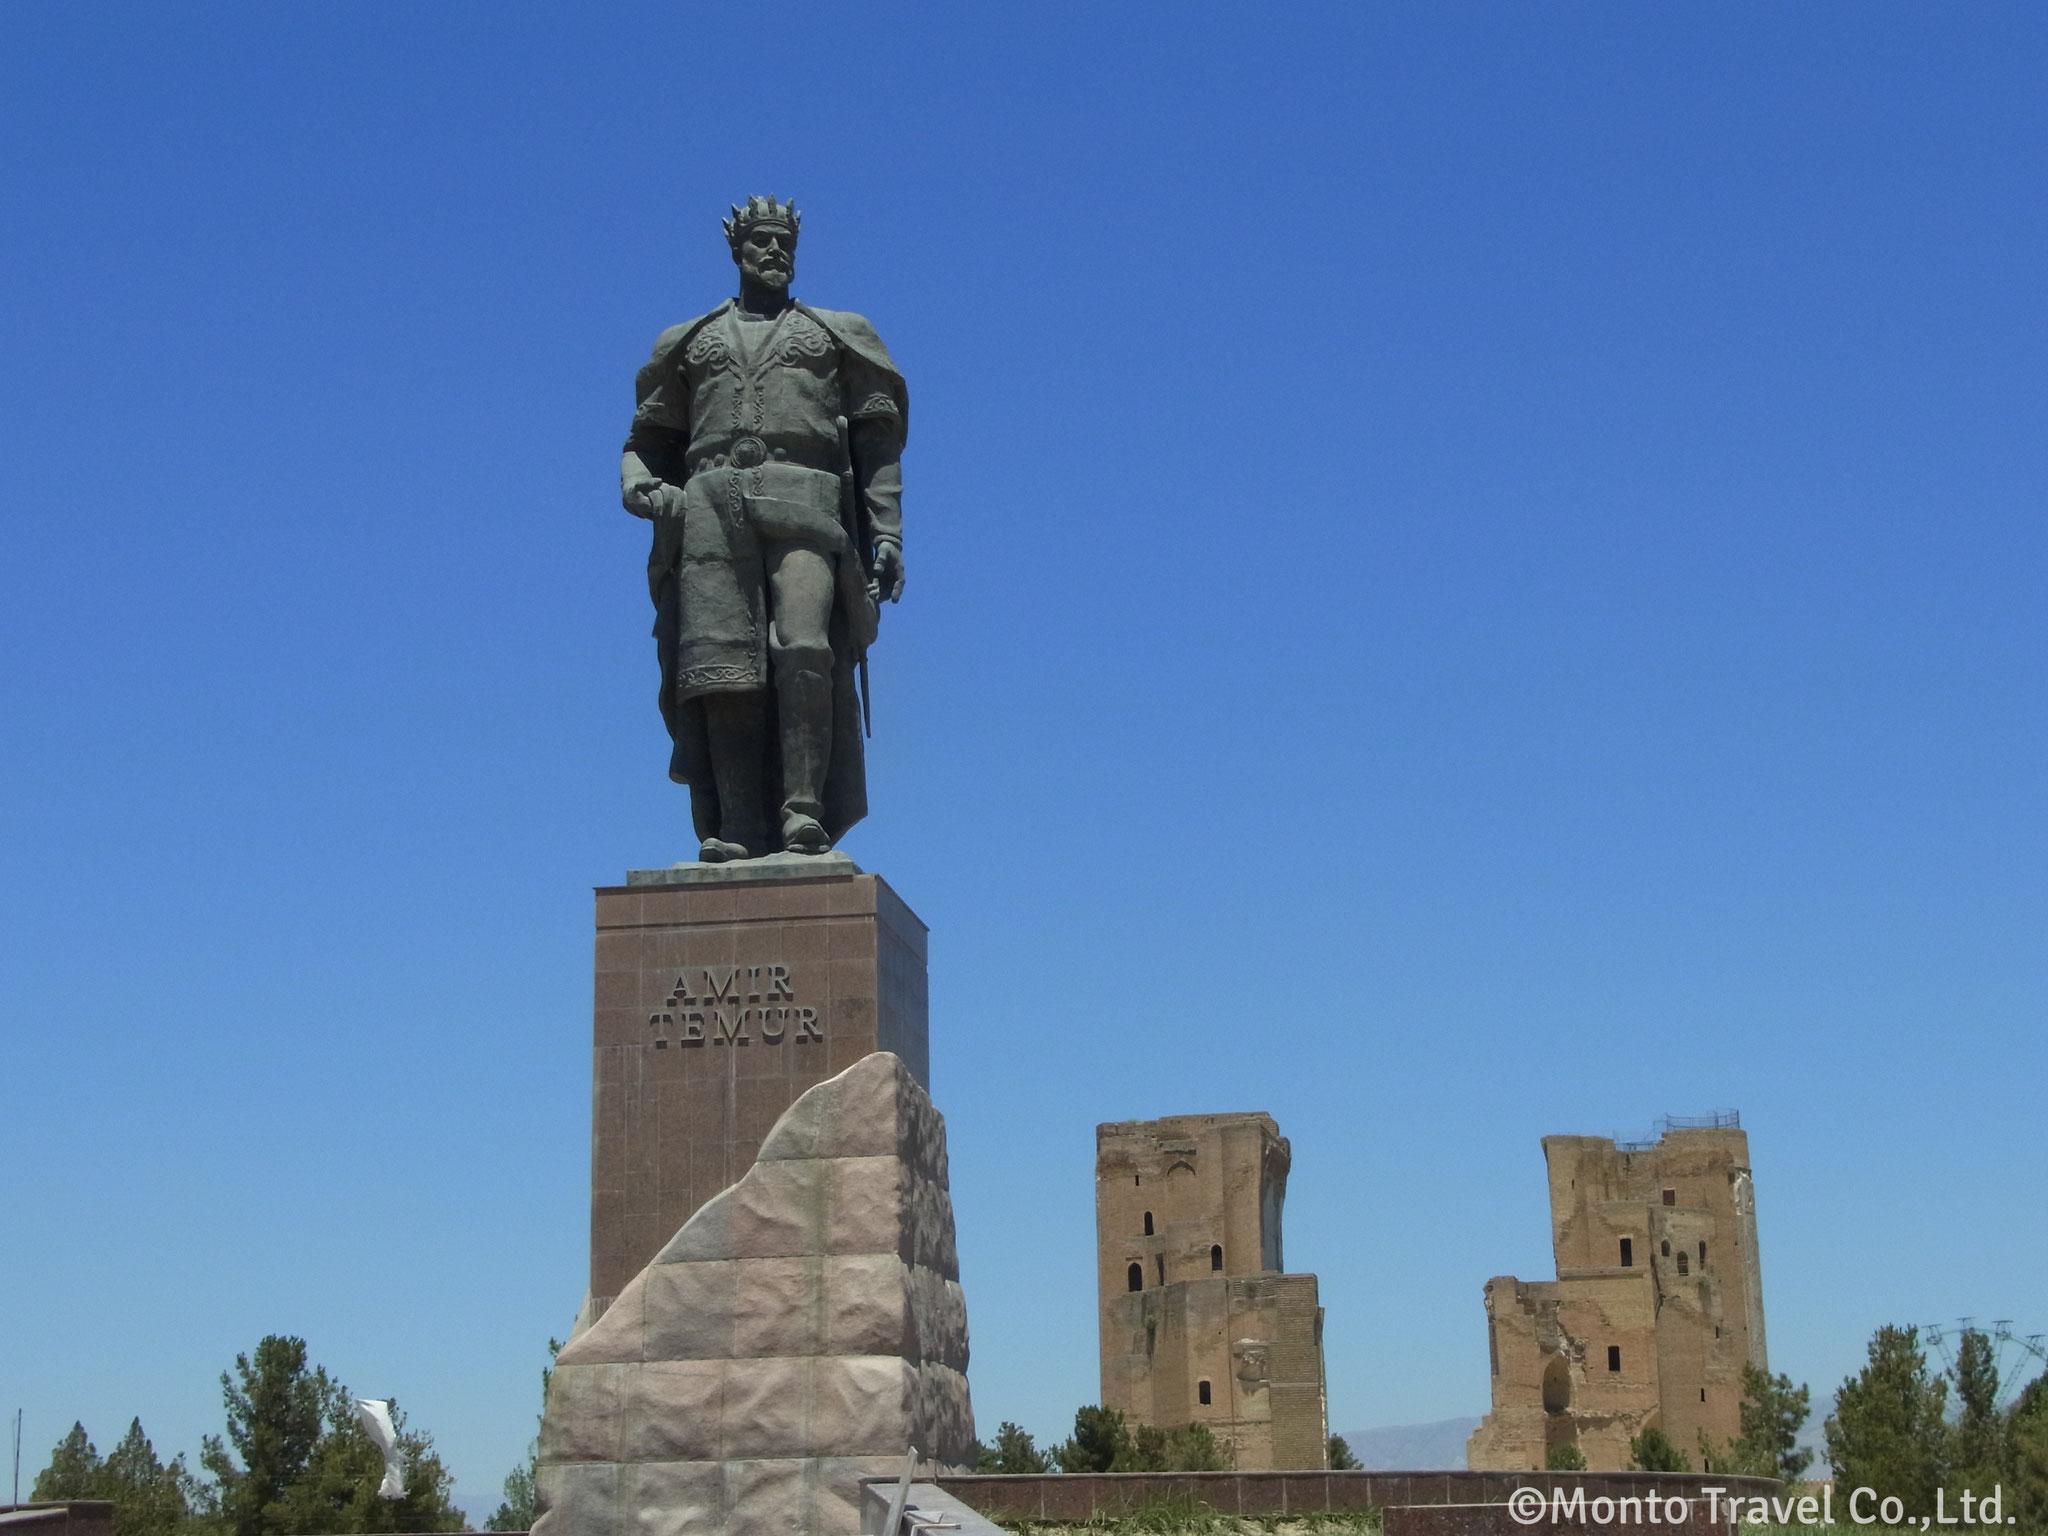 アクサライ宮殿跡とティムール像(シャフリサーブス)